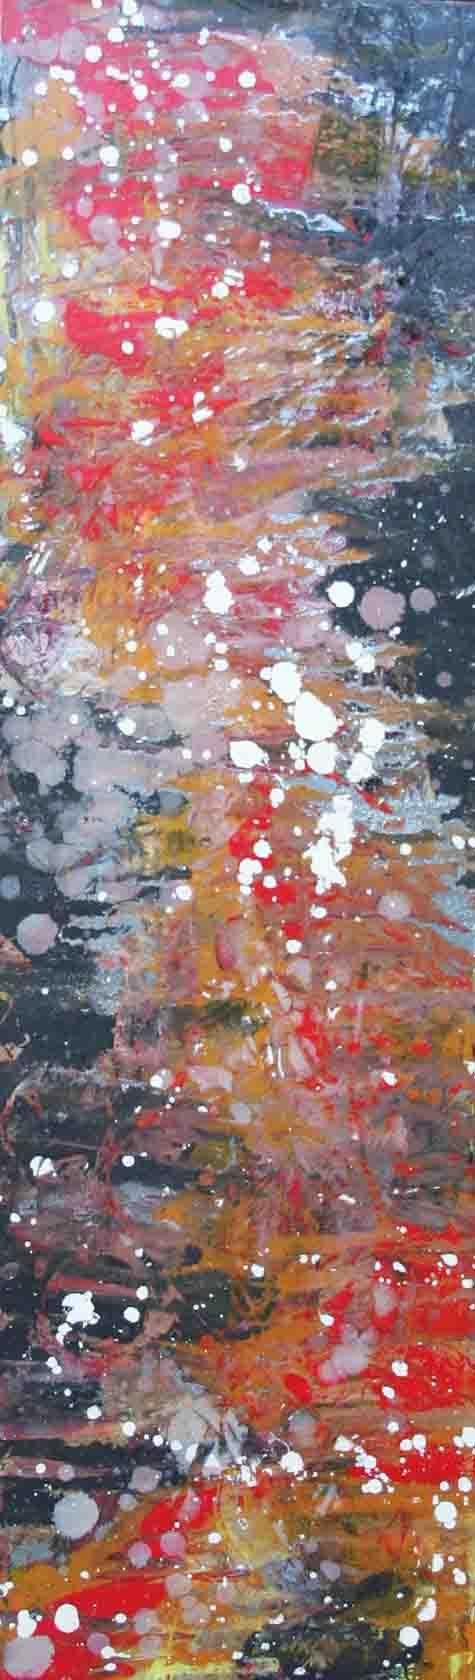 tableau abstrait tache et beauté en rouge et noir